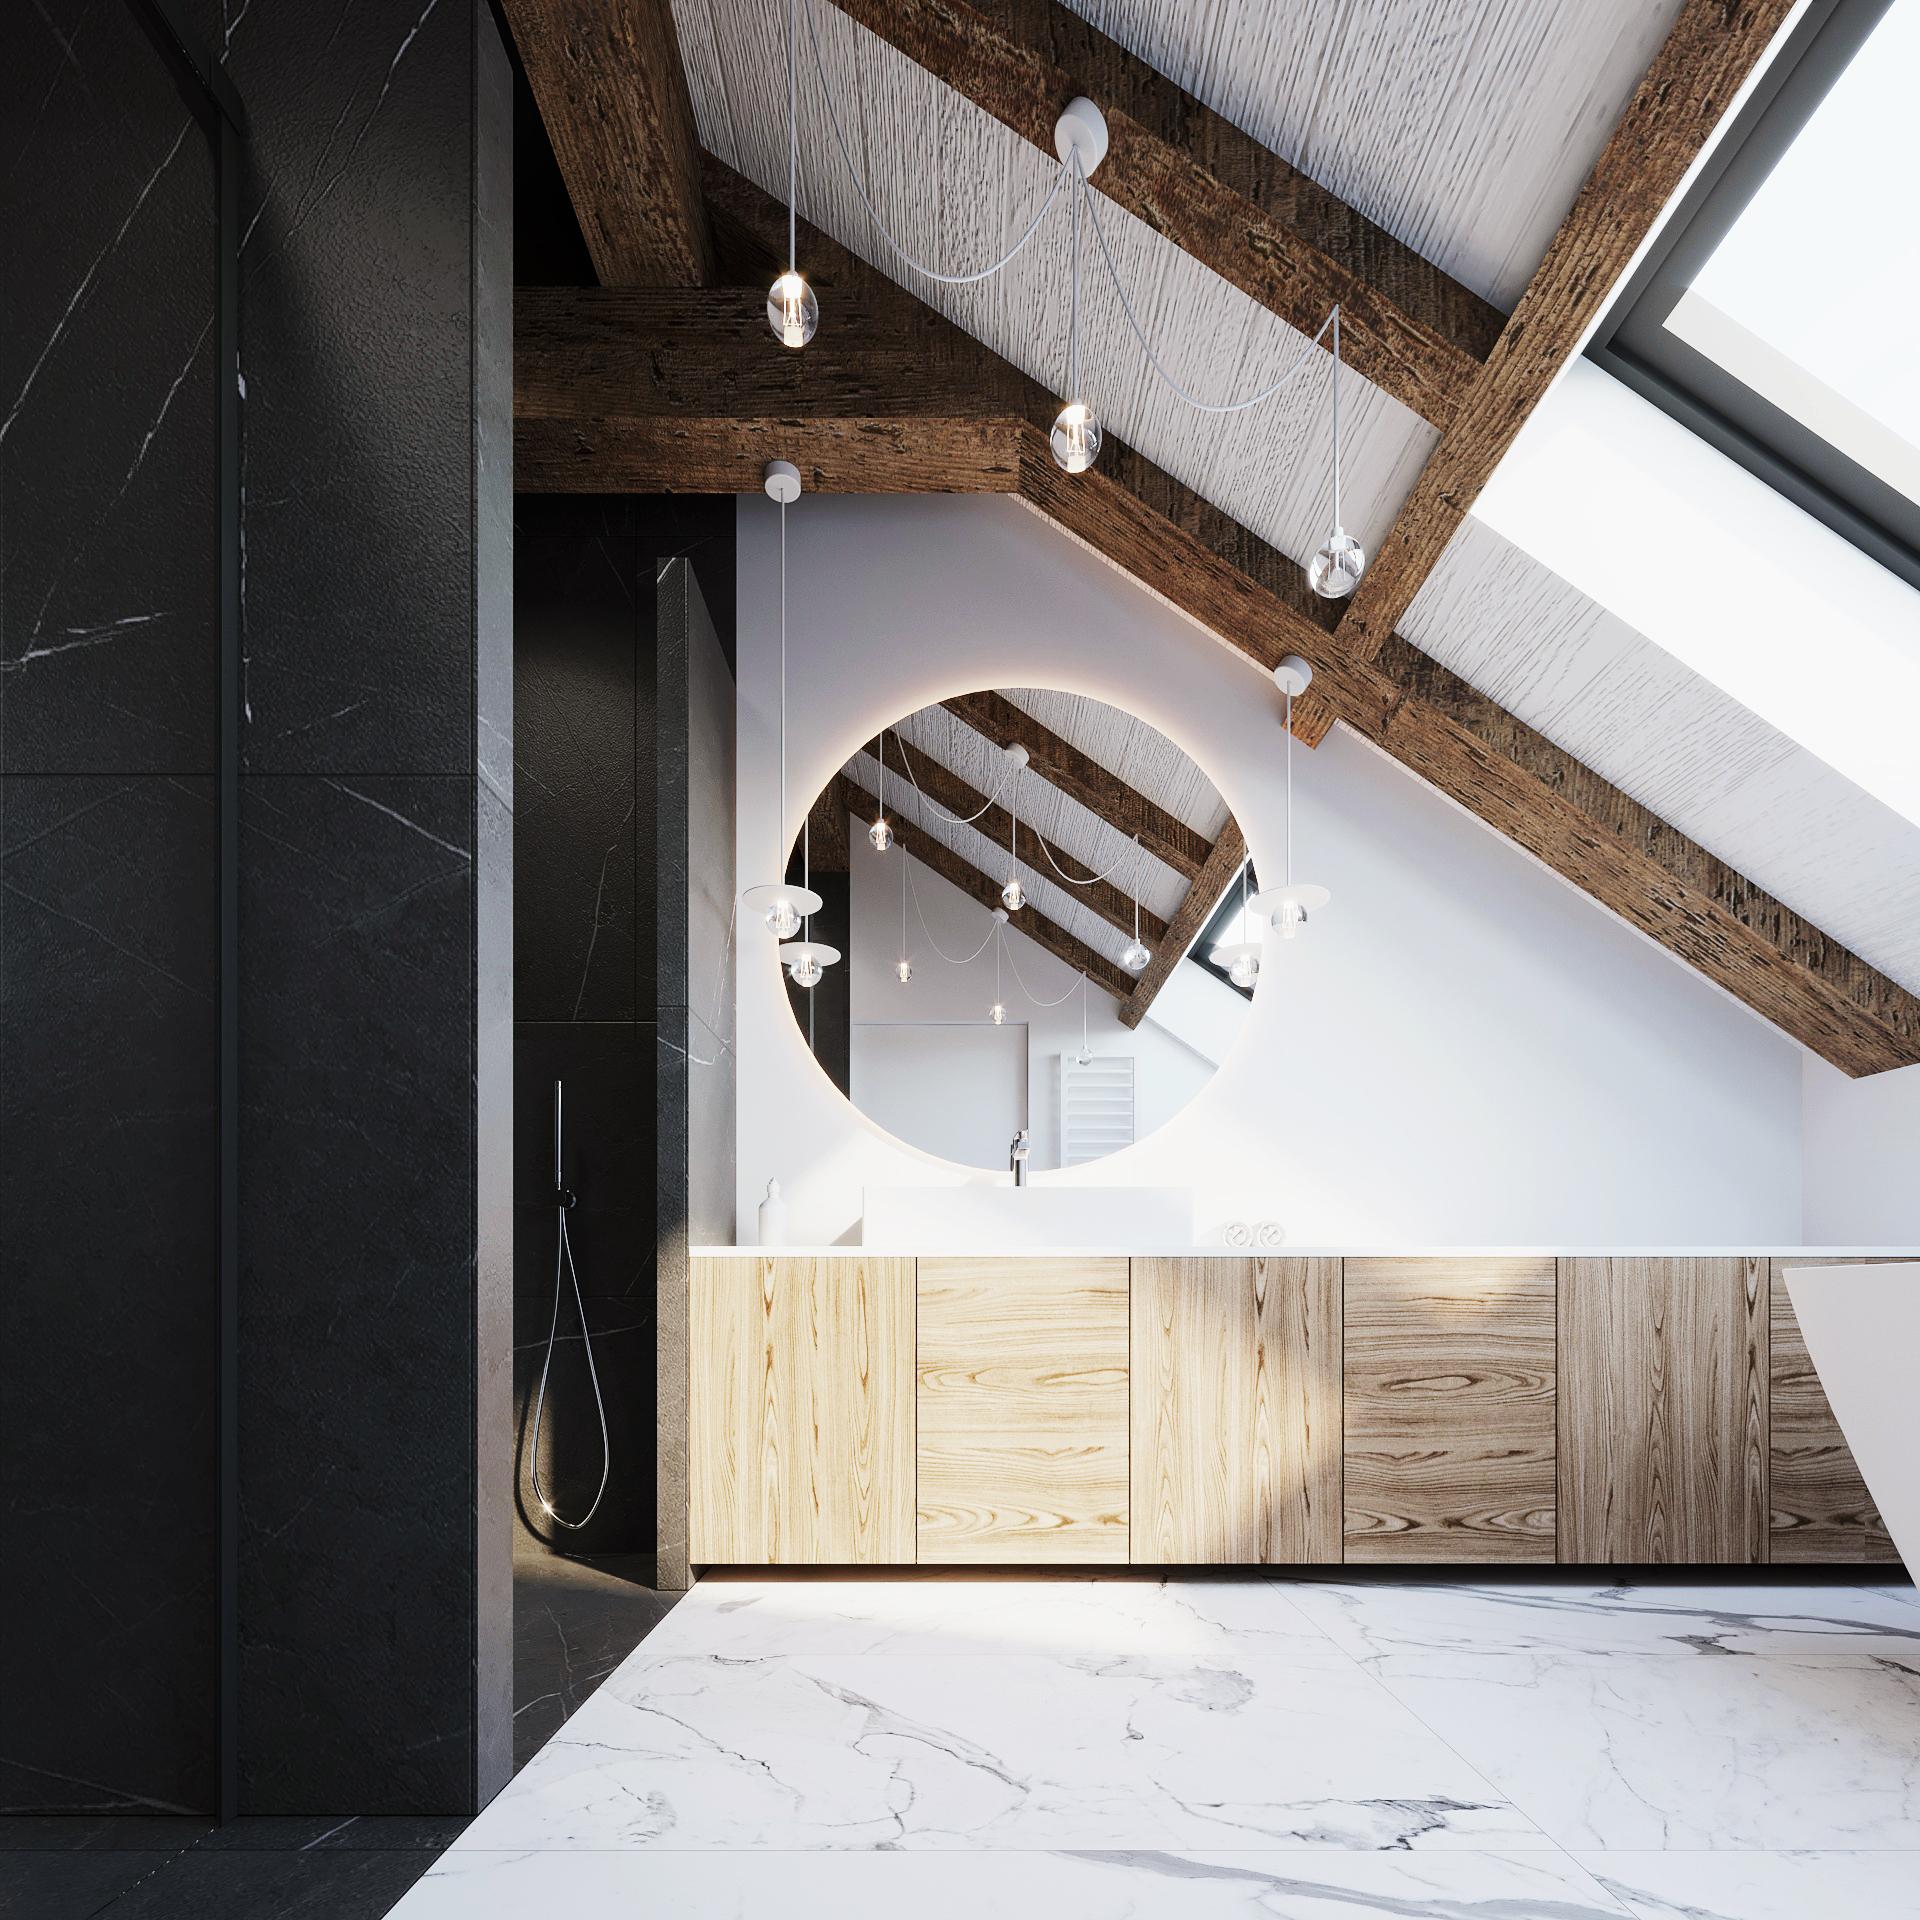 081 Architekci Projekt Wnetrz Was Winterberg Lazienka